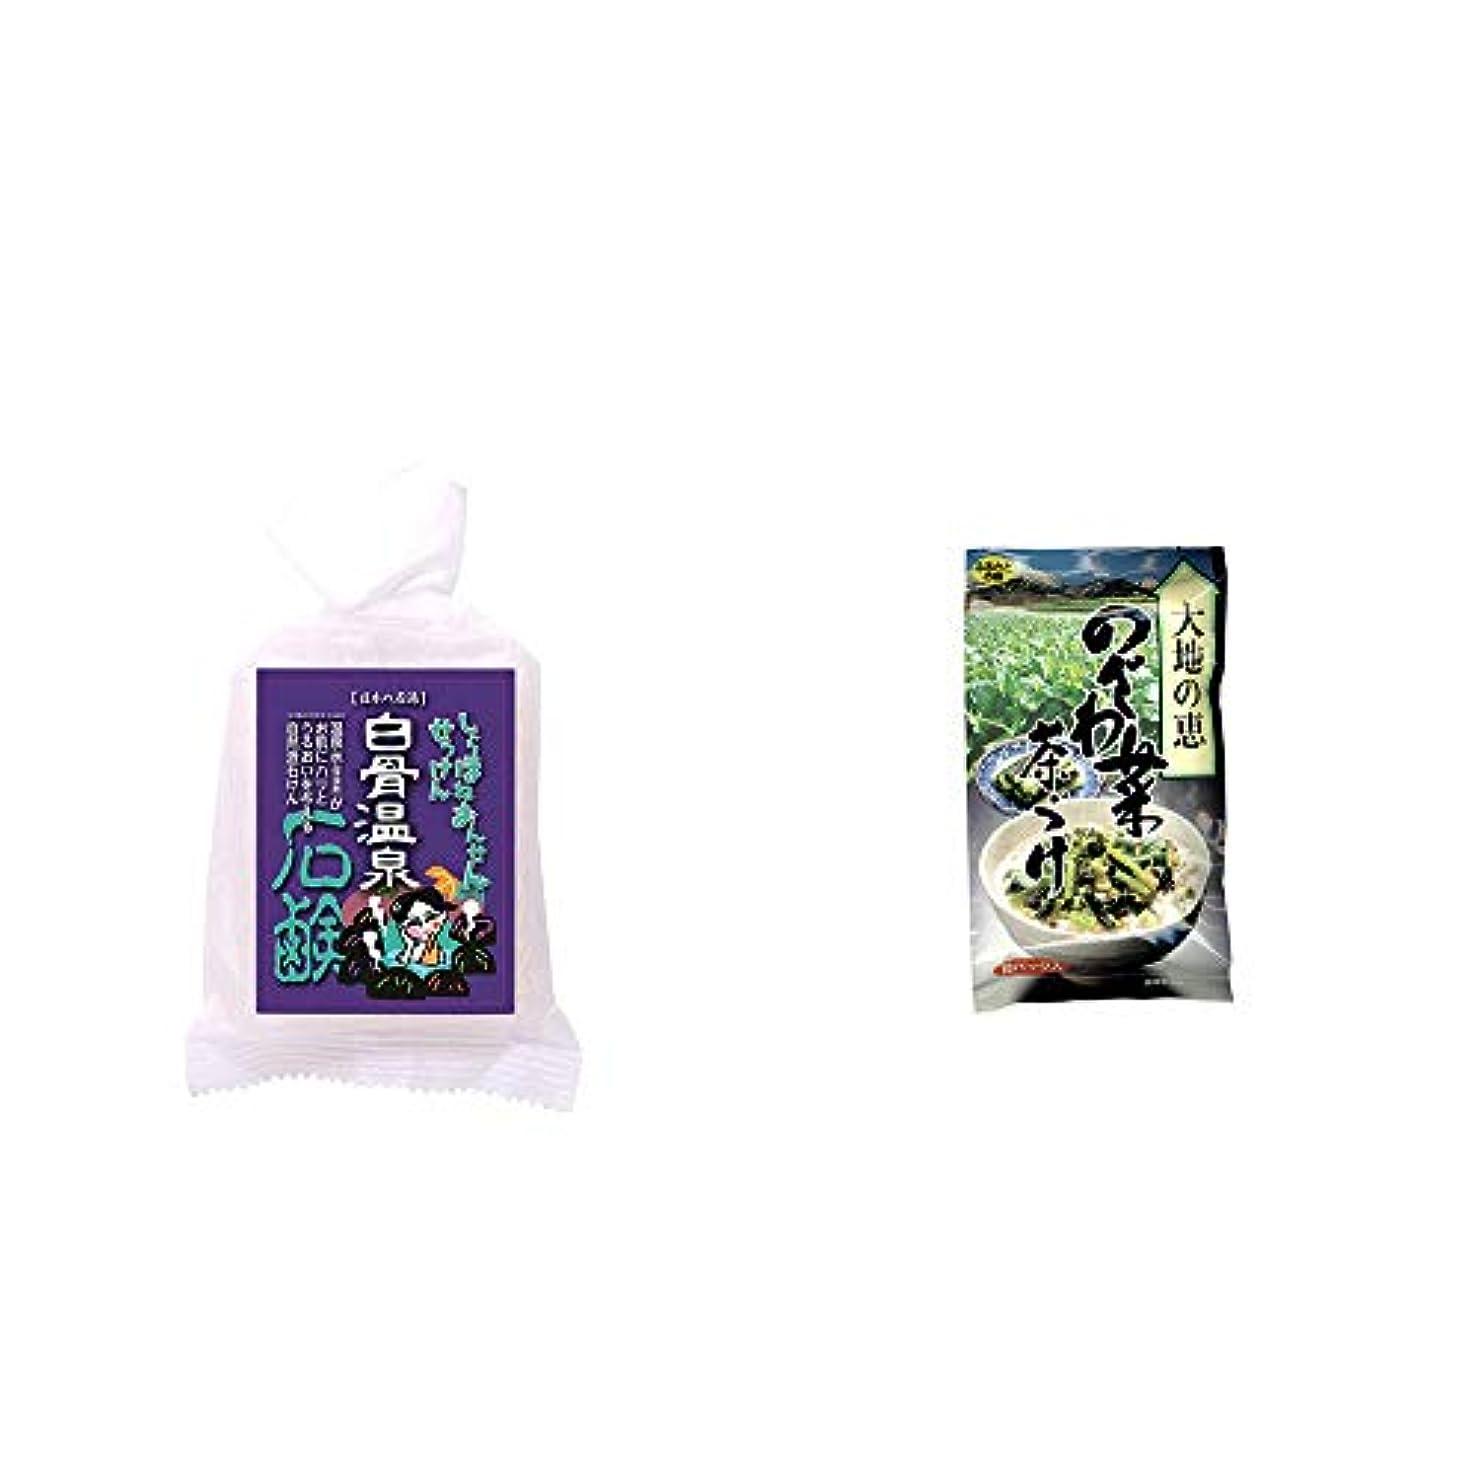 豊富に公哲学的[2点セット] 信州 白骨温泉石鹸(80g)?特選茶漬け 大地の恵 のざわ菜茶づけ(10袋入)